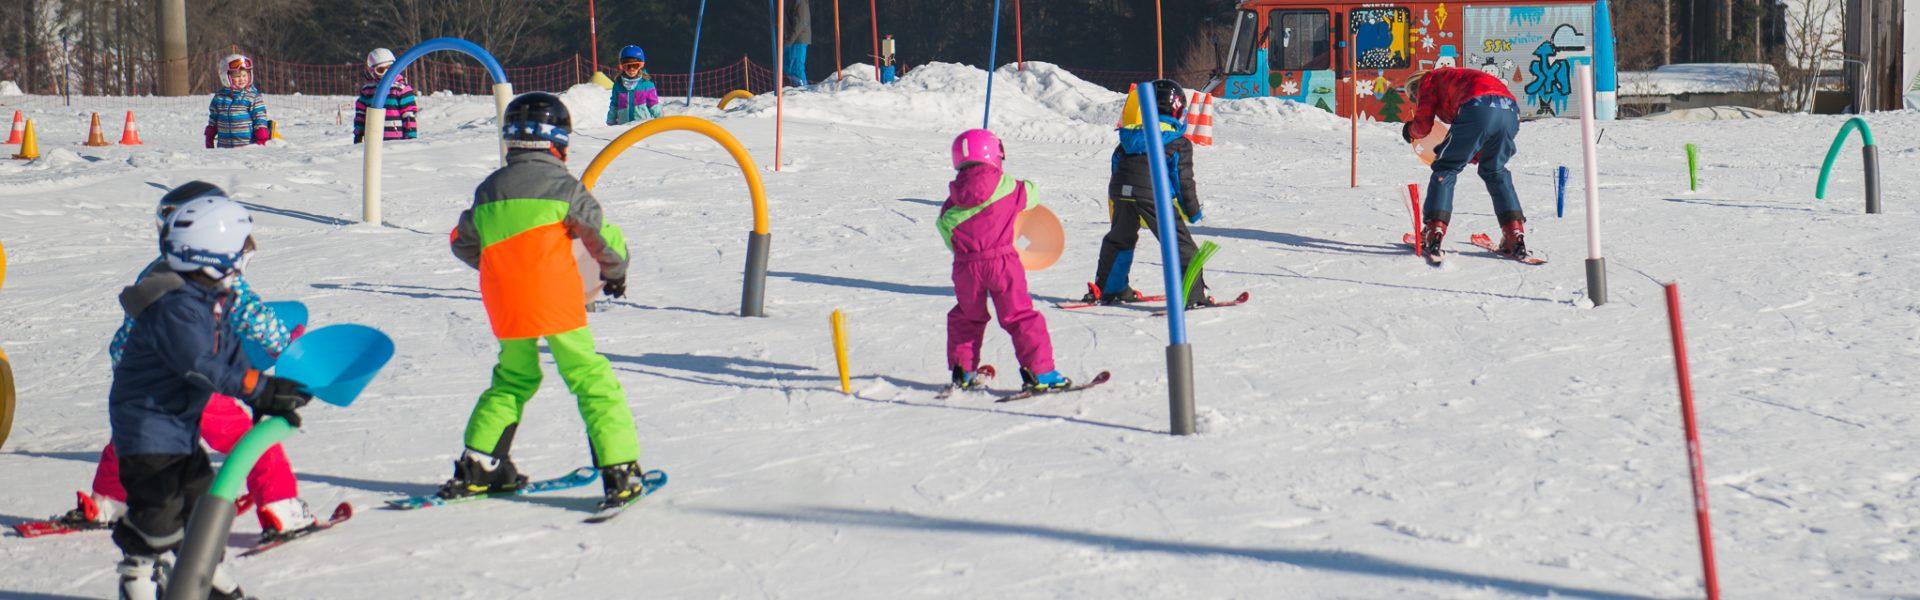 ssk skischule kunterbunt-62neu